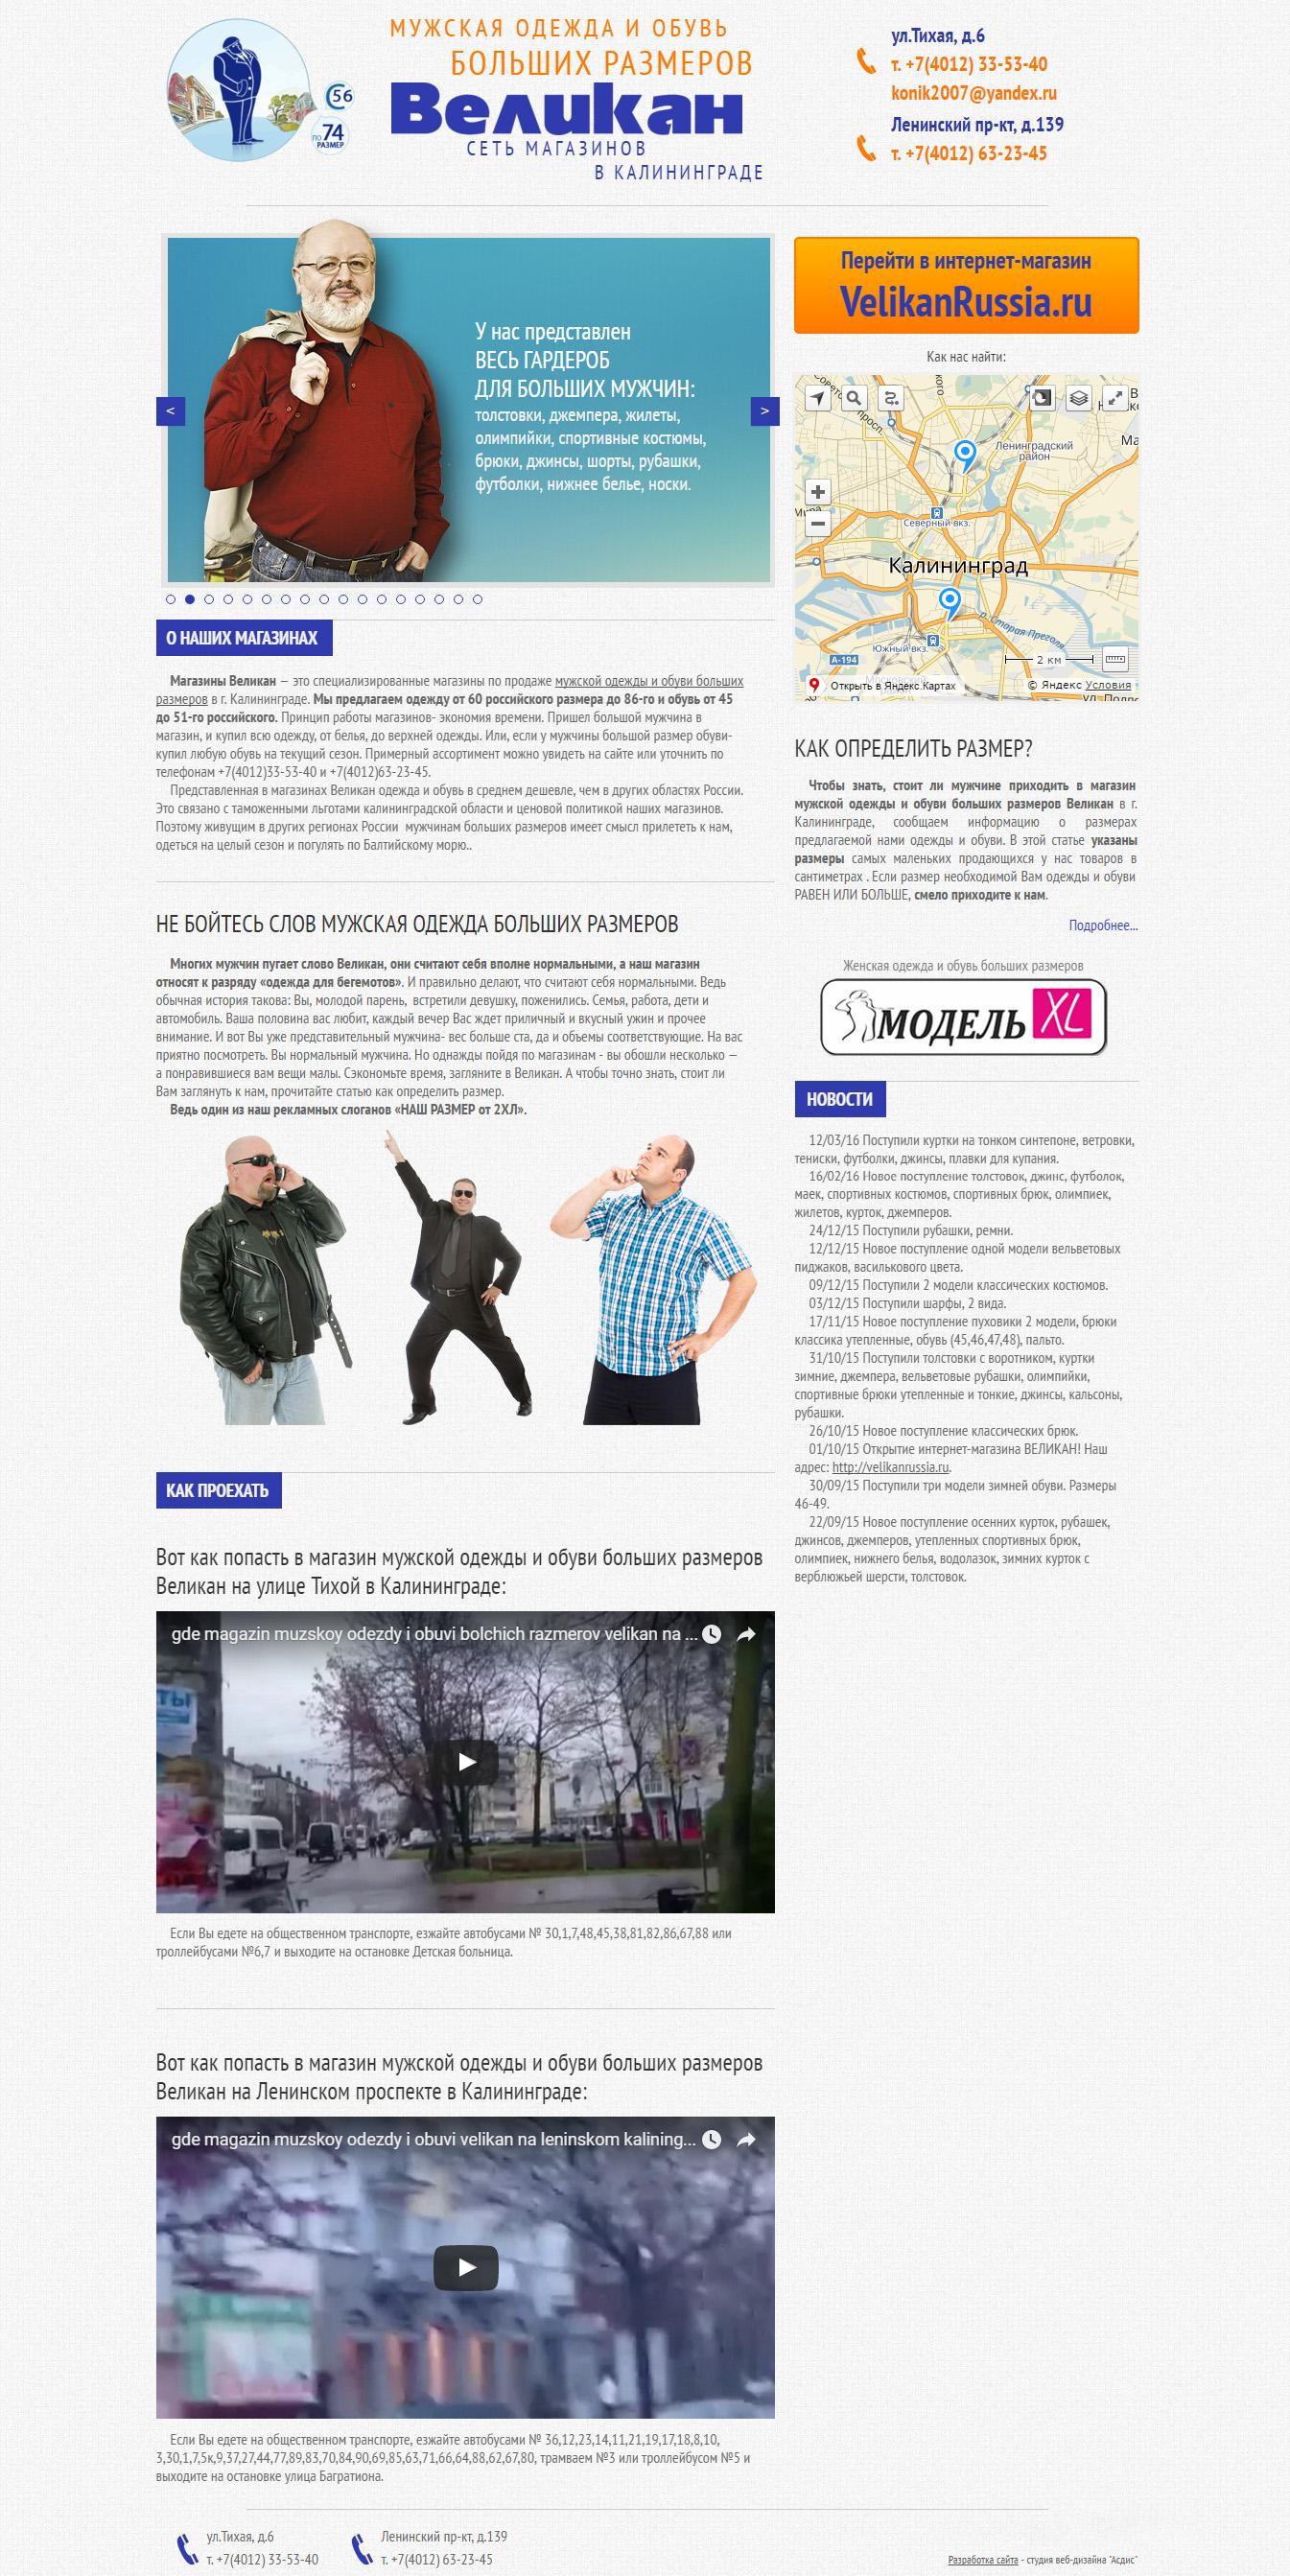 Создание сайта для магазина одежды